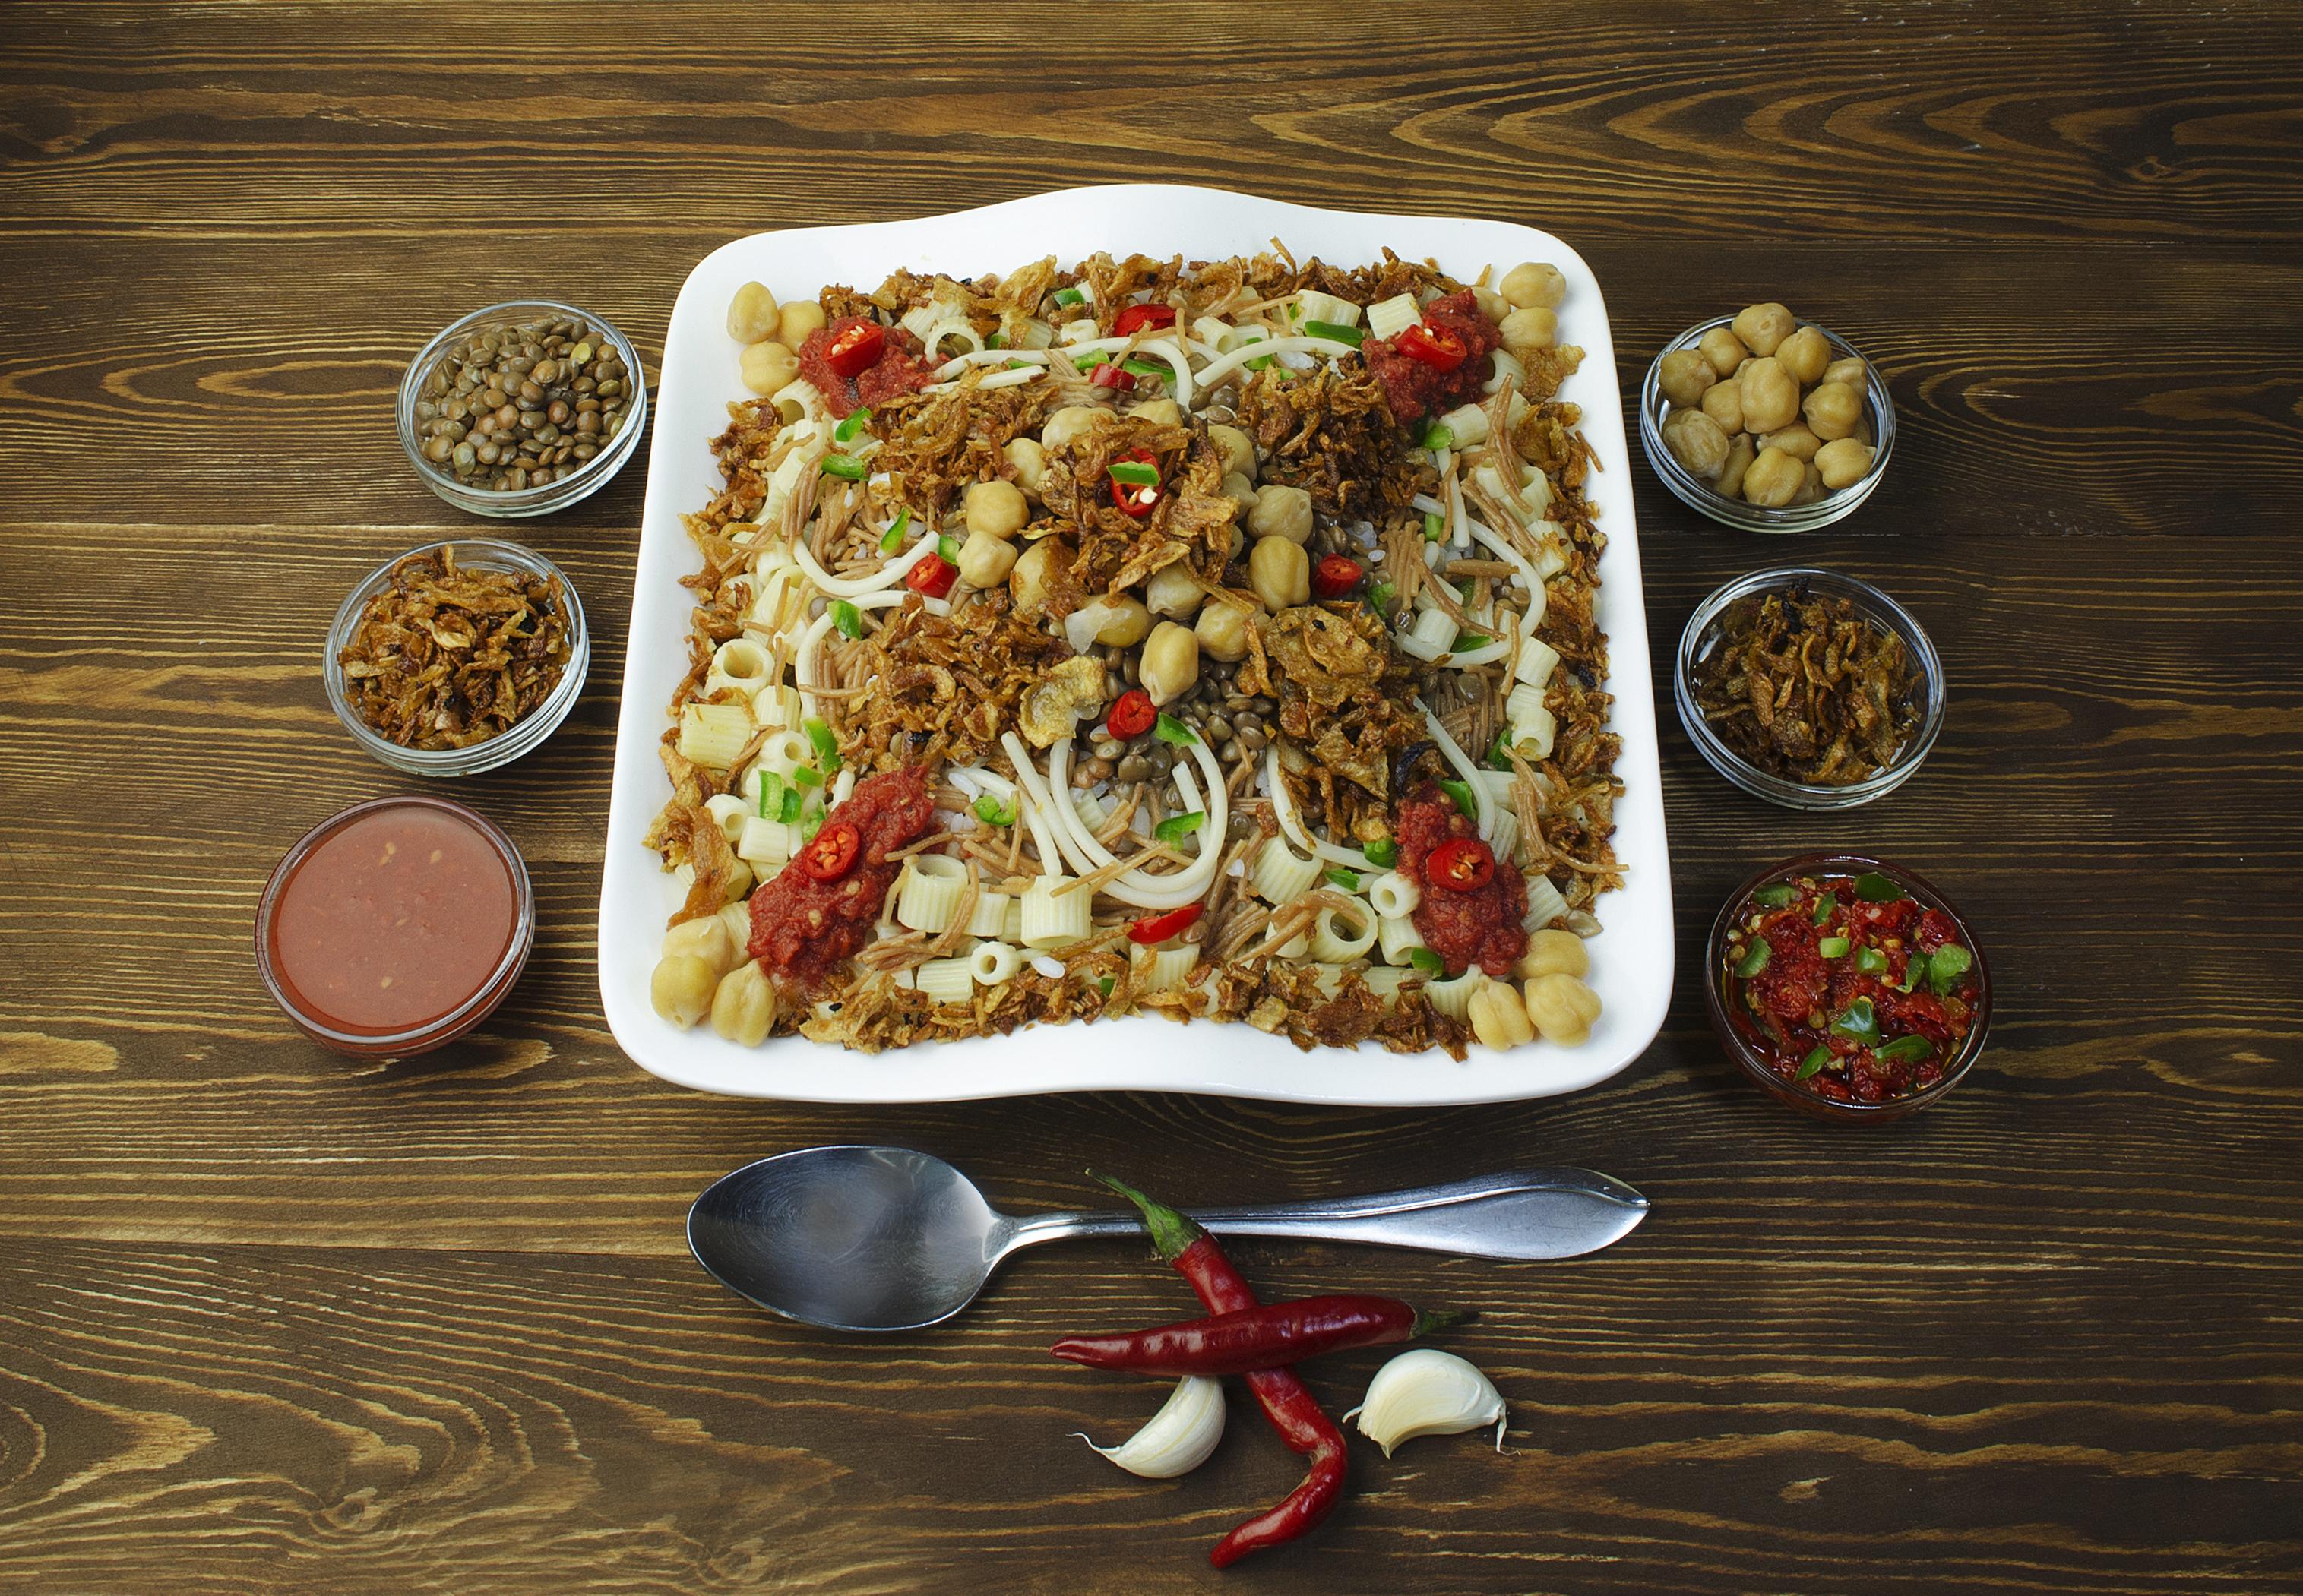 Typické jedlo v egypte koshary